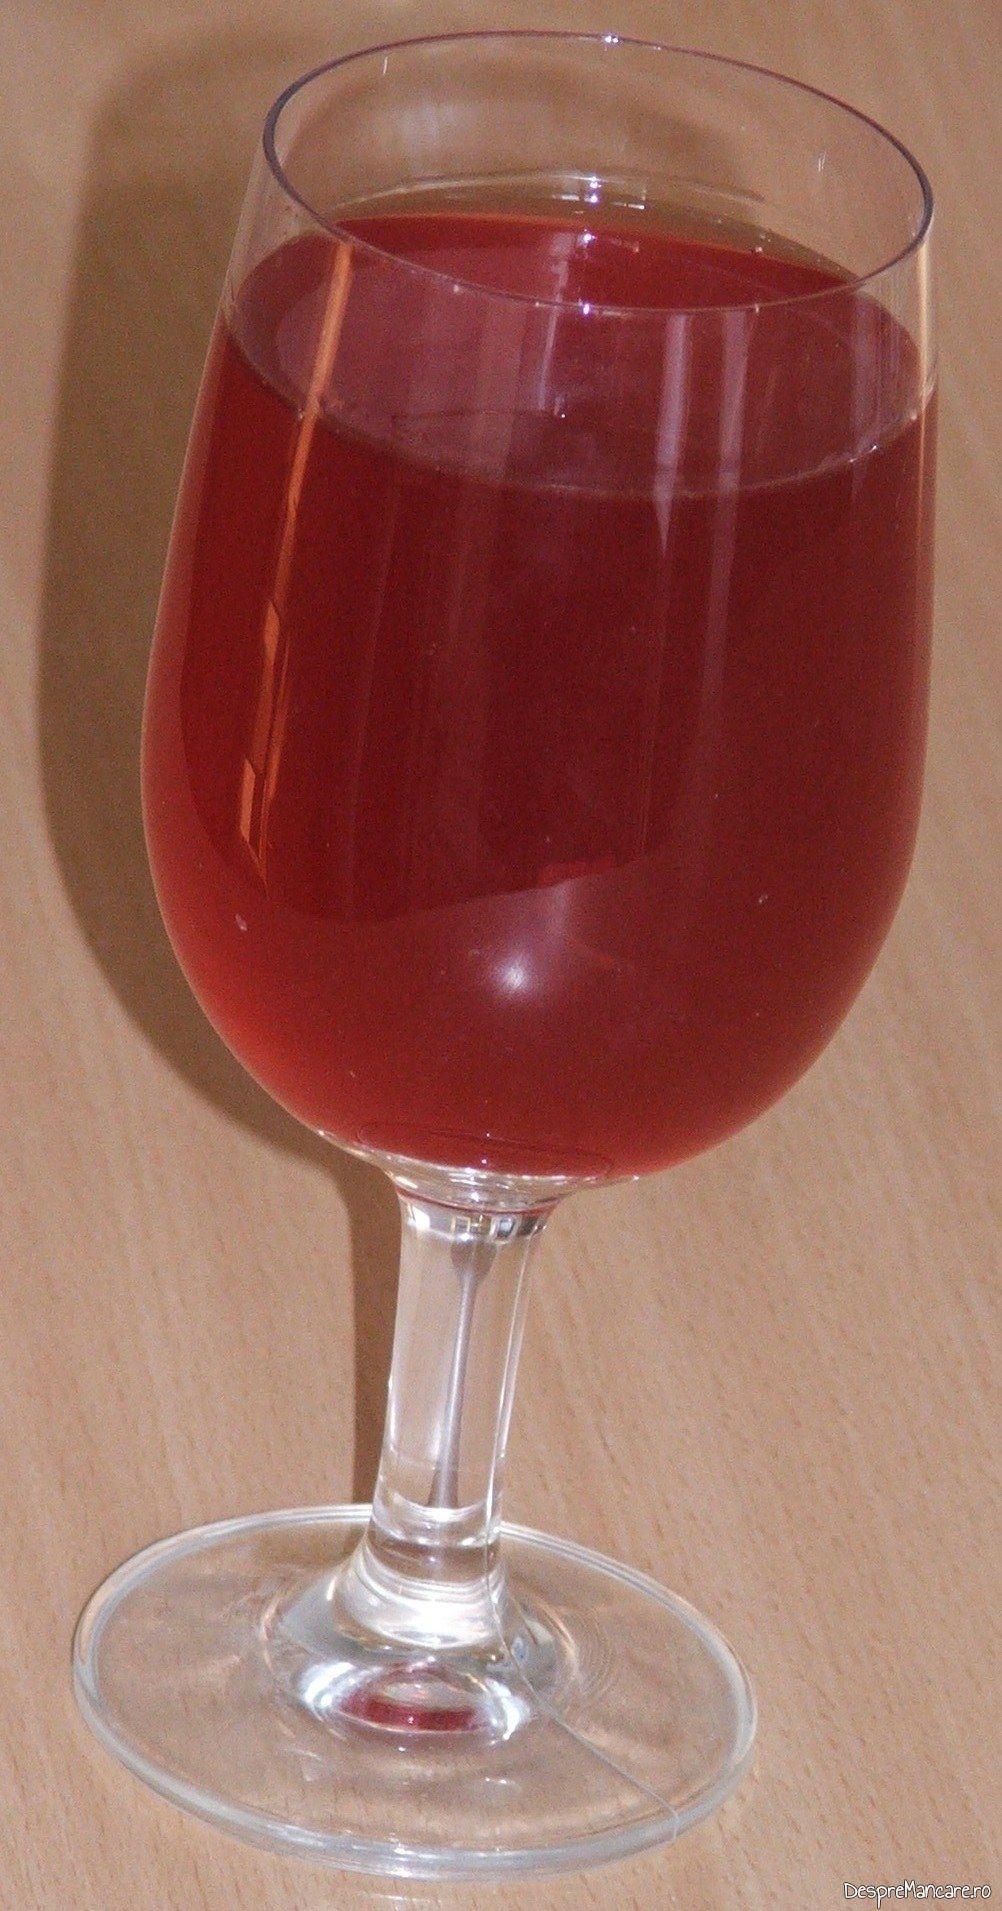 Vinul casei rosu din struguri servit la pulpa de capra in sos de vin cu varza noua calita.